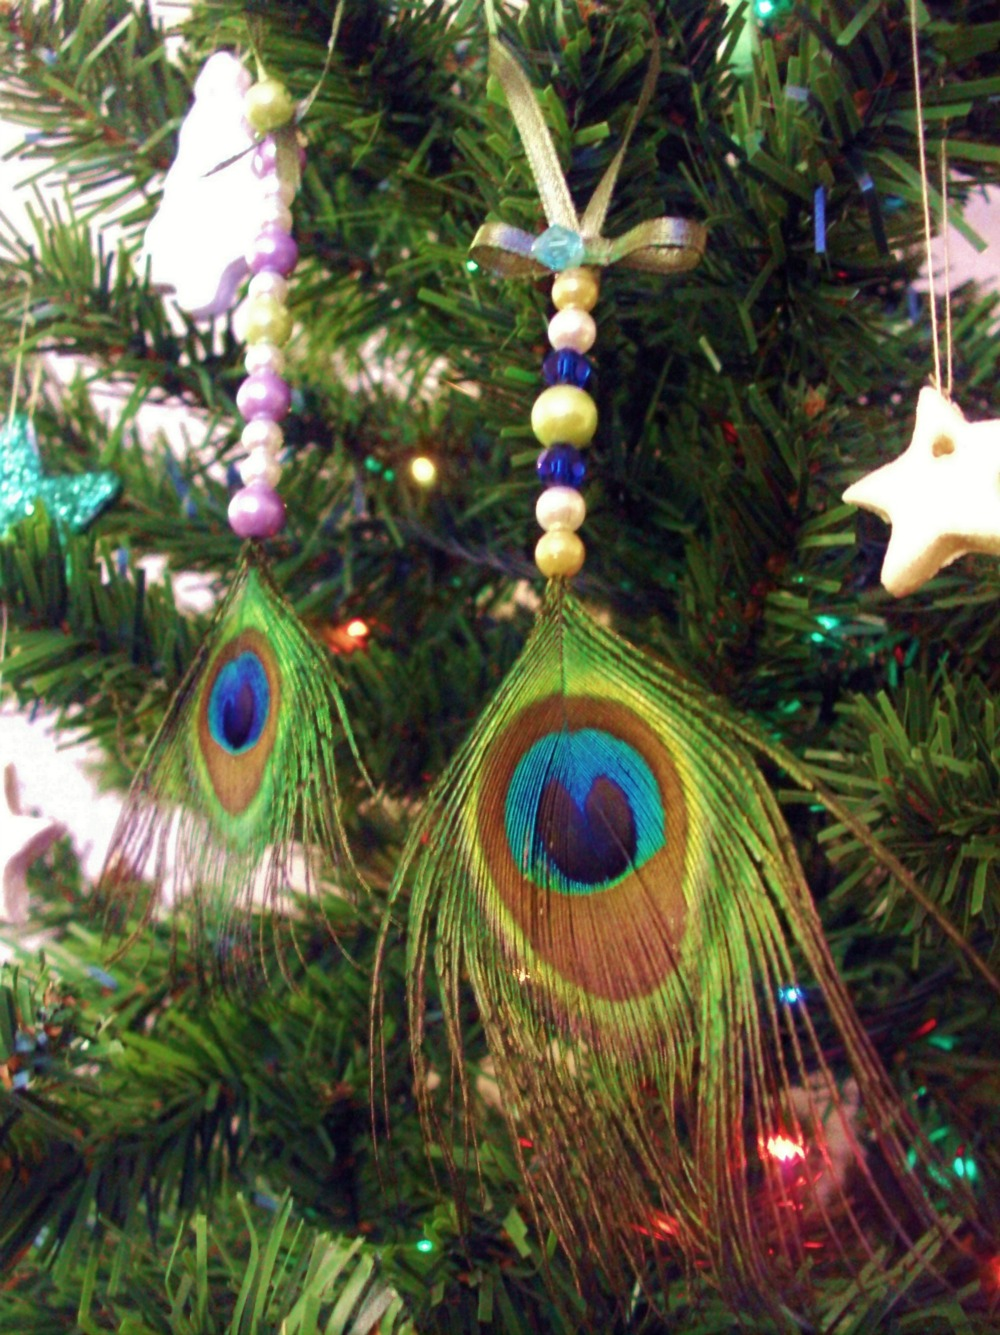 Χριστουγεννιάτικα στολίδια από φτερά παγωνιού